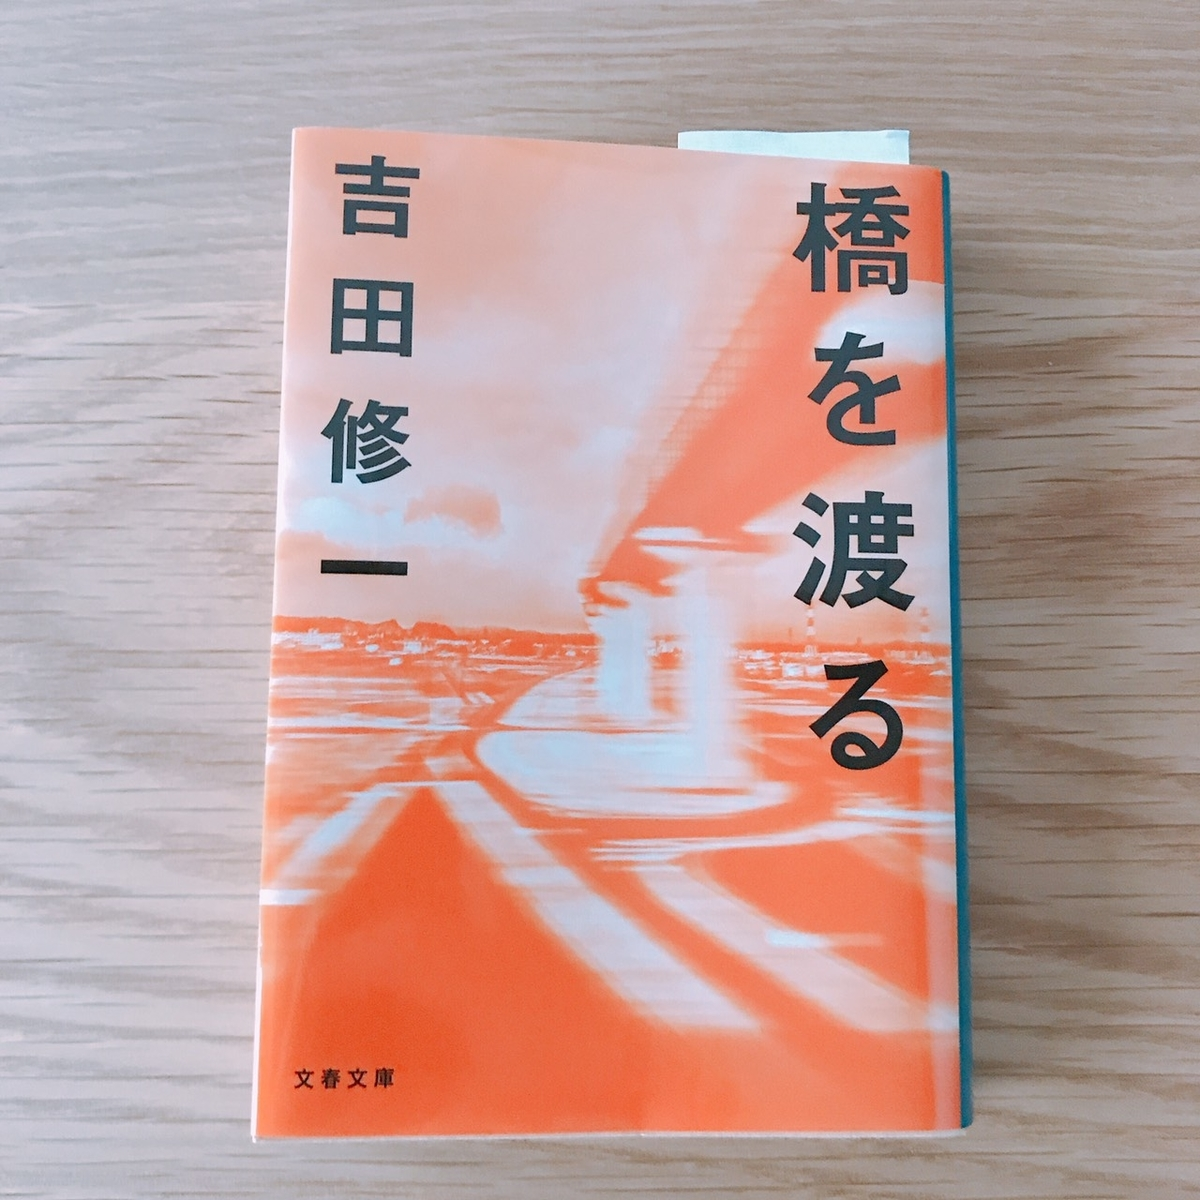 f:id:atsush-atsushi:20190424094543j:plain